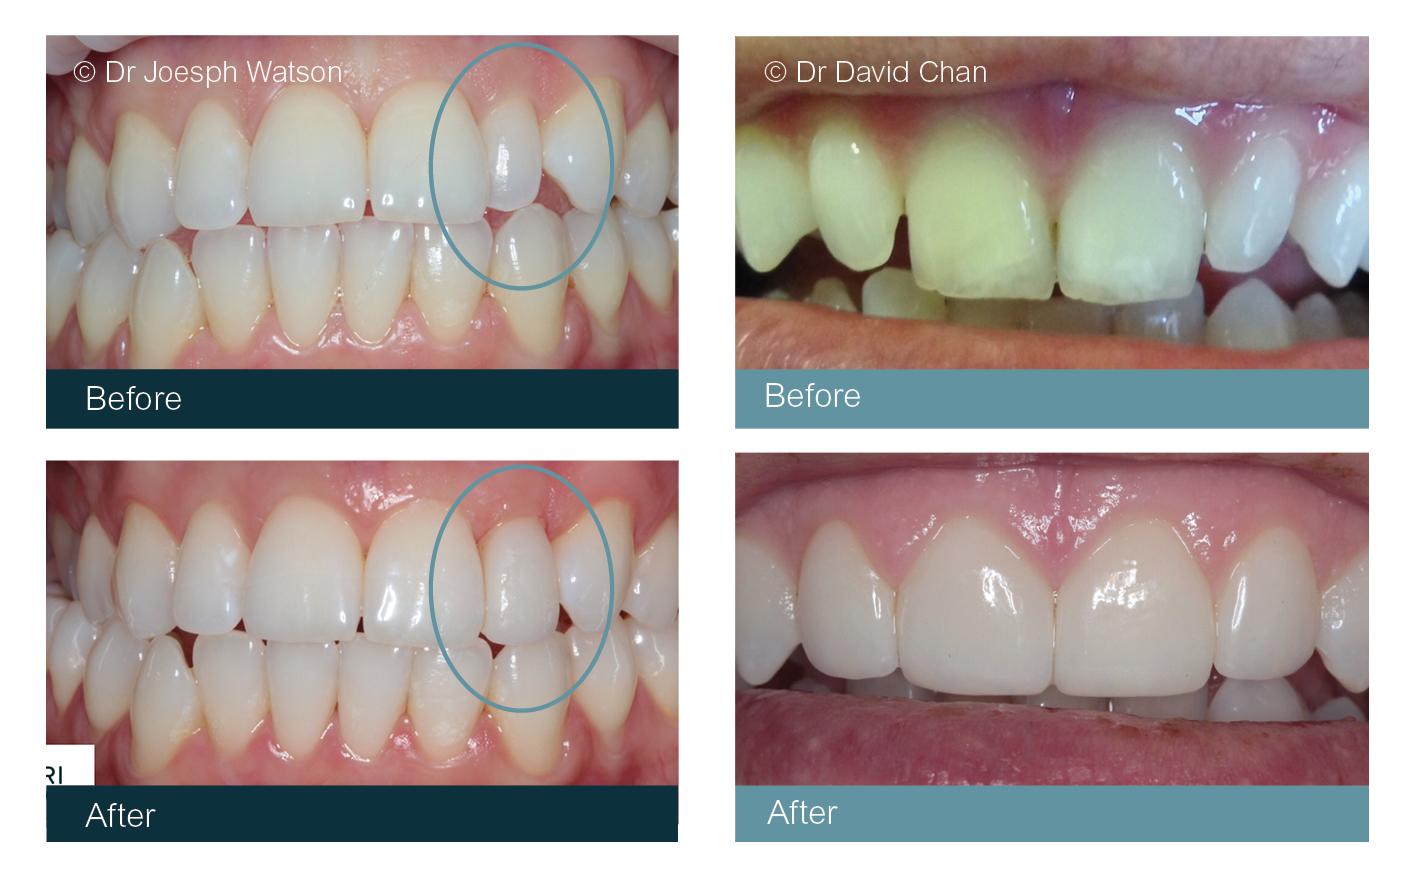 osmetic Dentist Veneers Glasgow